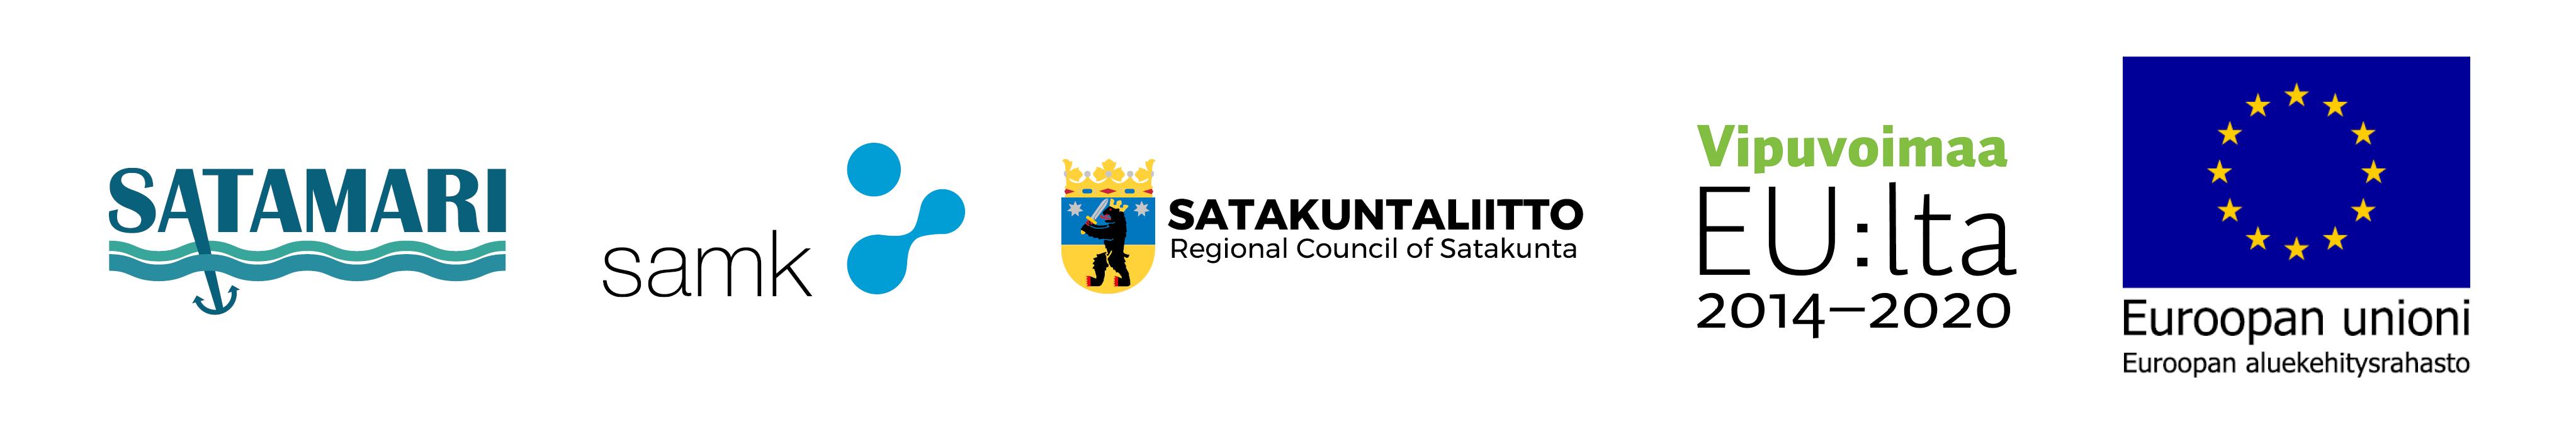 Logos: SataMari, SAMK, Regional Council of Satakunta, Leverage from EU, European Regional Development Fund